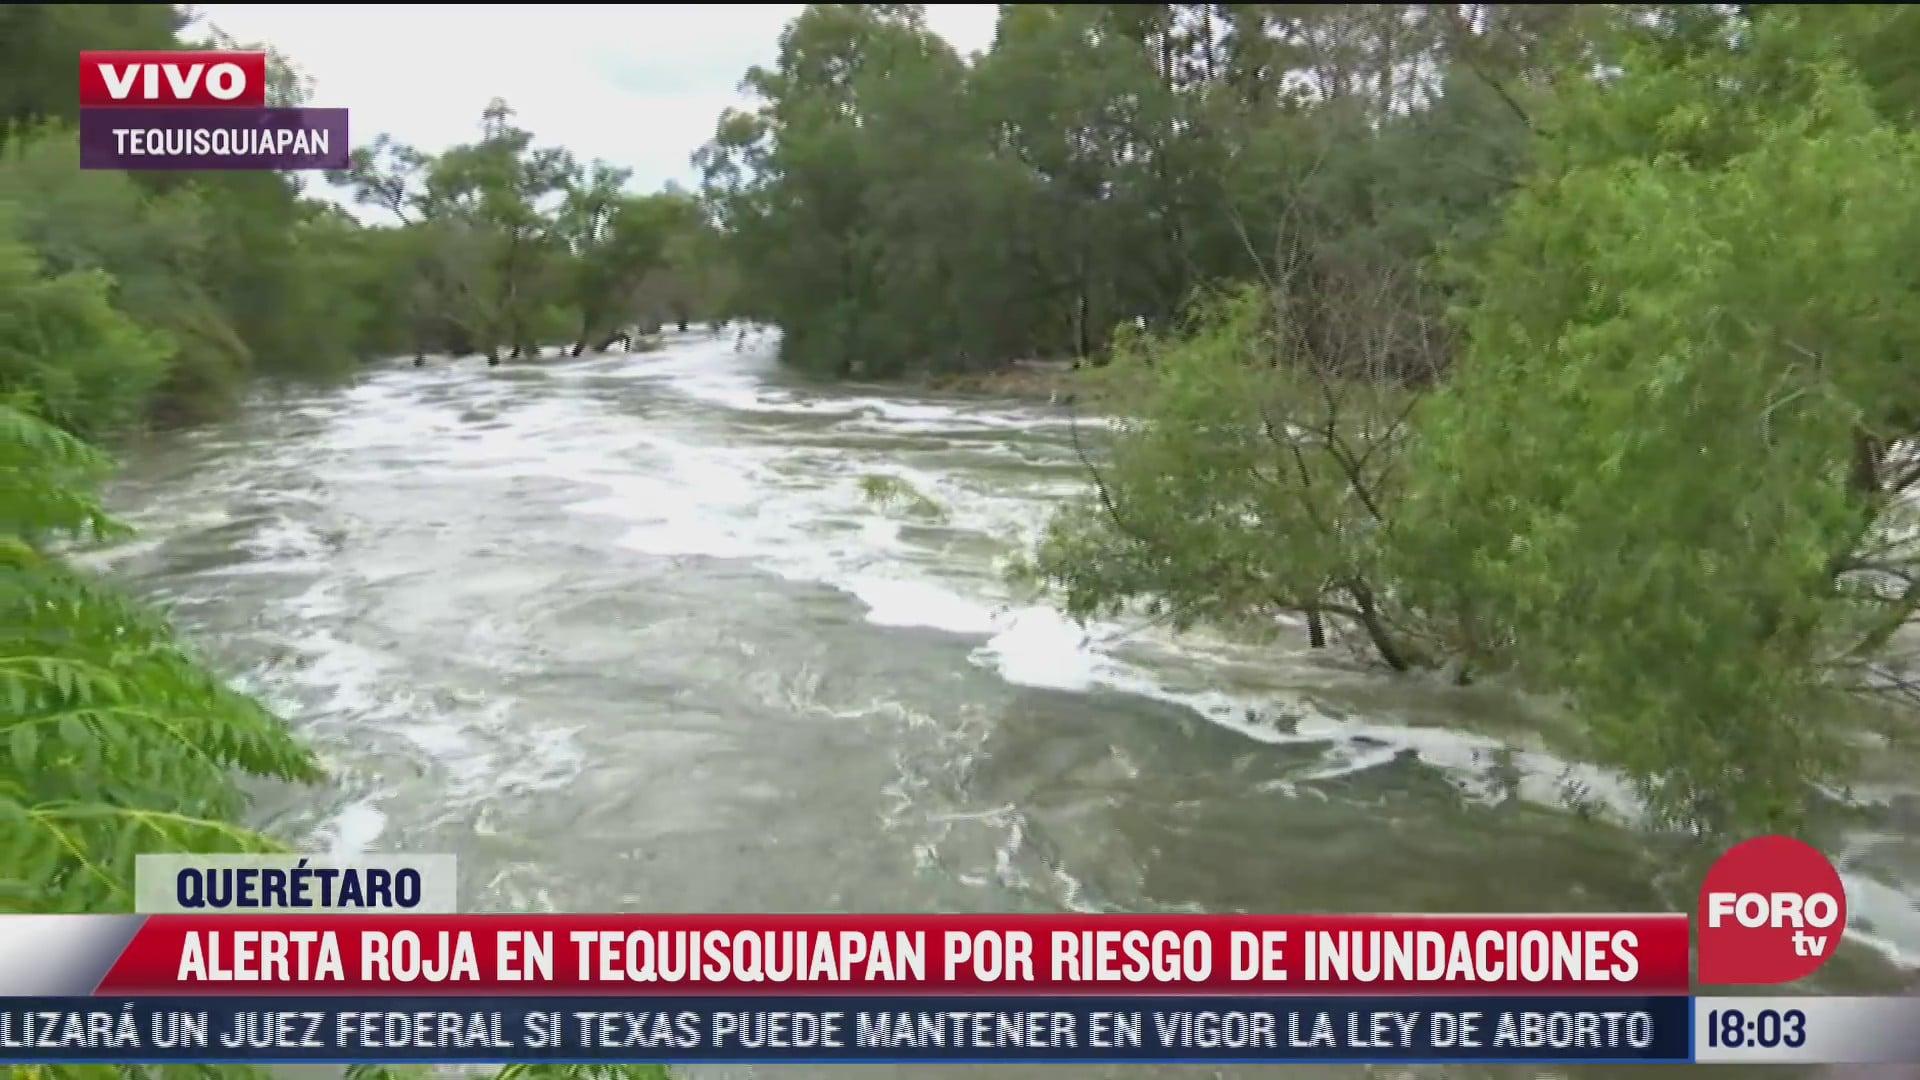 alerta roja en tequisquiapan por riesgo de inundaciones